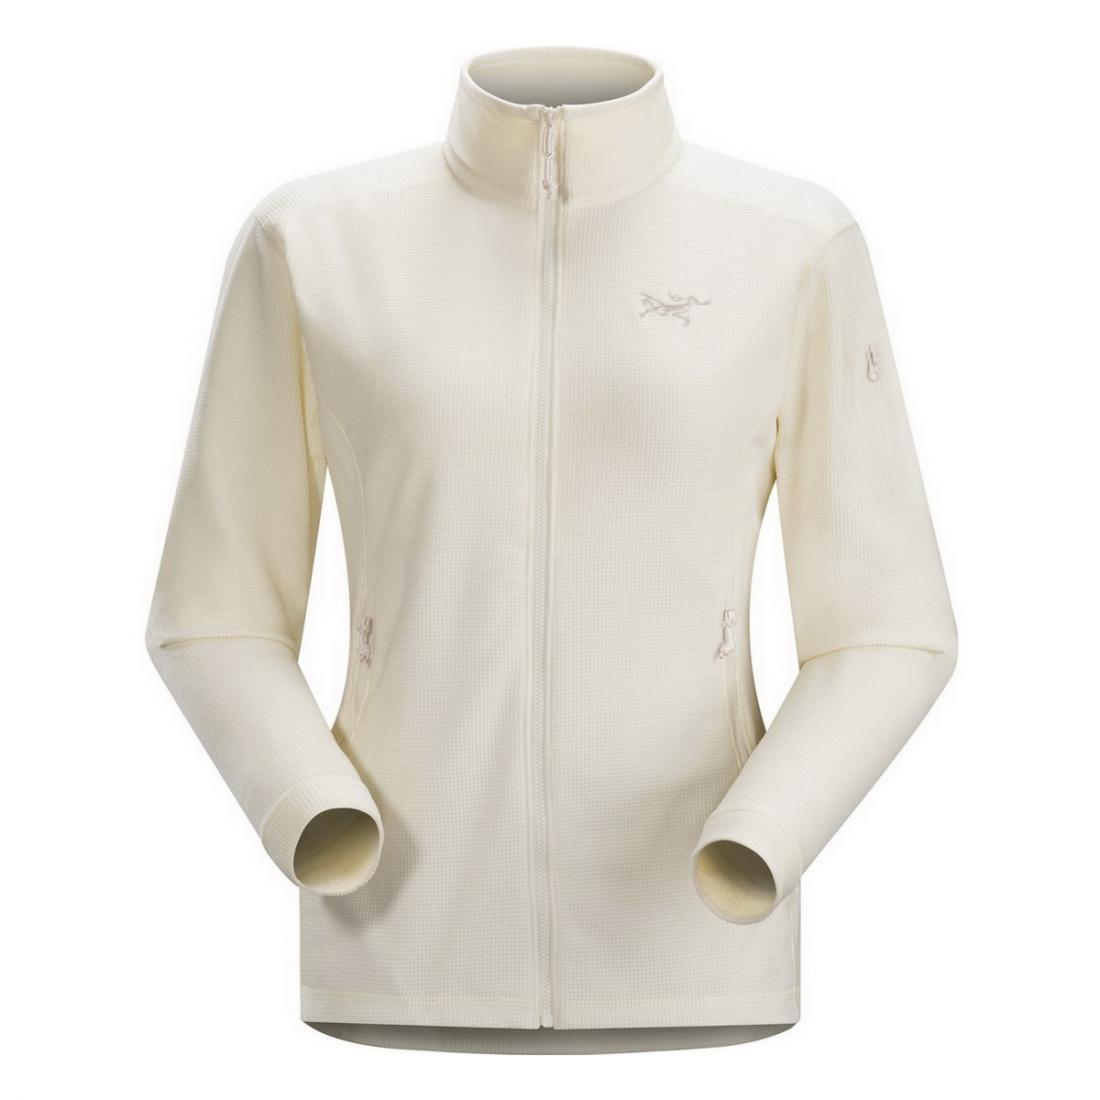 Куртка Delta LT жен.Пуловеры<br><br><br><br> Женская курткаArcteryx Delta LT Jacket Womens может использоваться в межсезонье и зимой как самостоятельно, так и в качестве дополнительного у...<br><br>Цвет: Белый<br>Размер: L